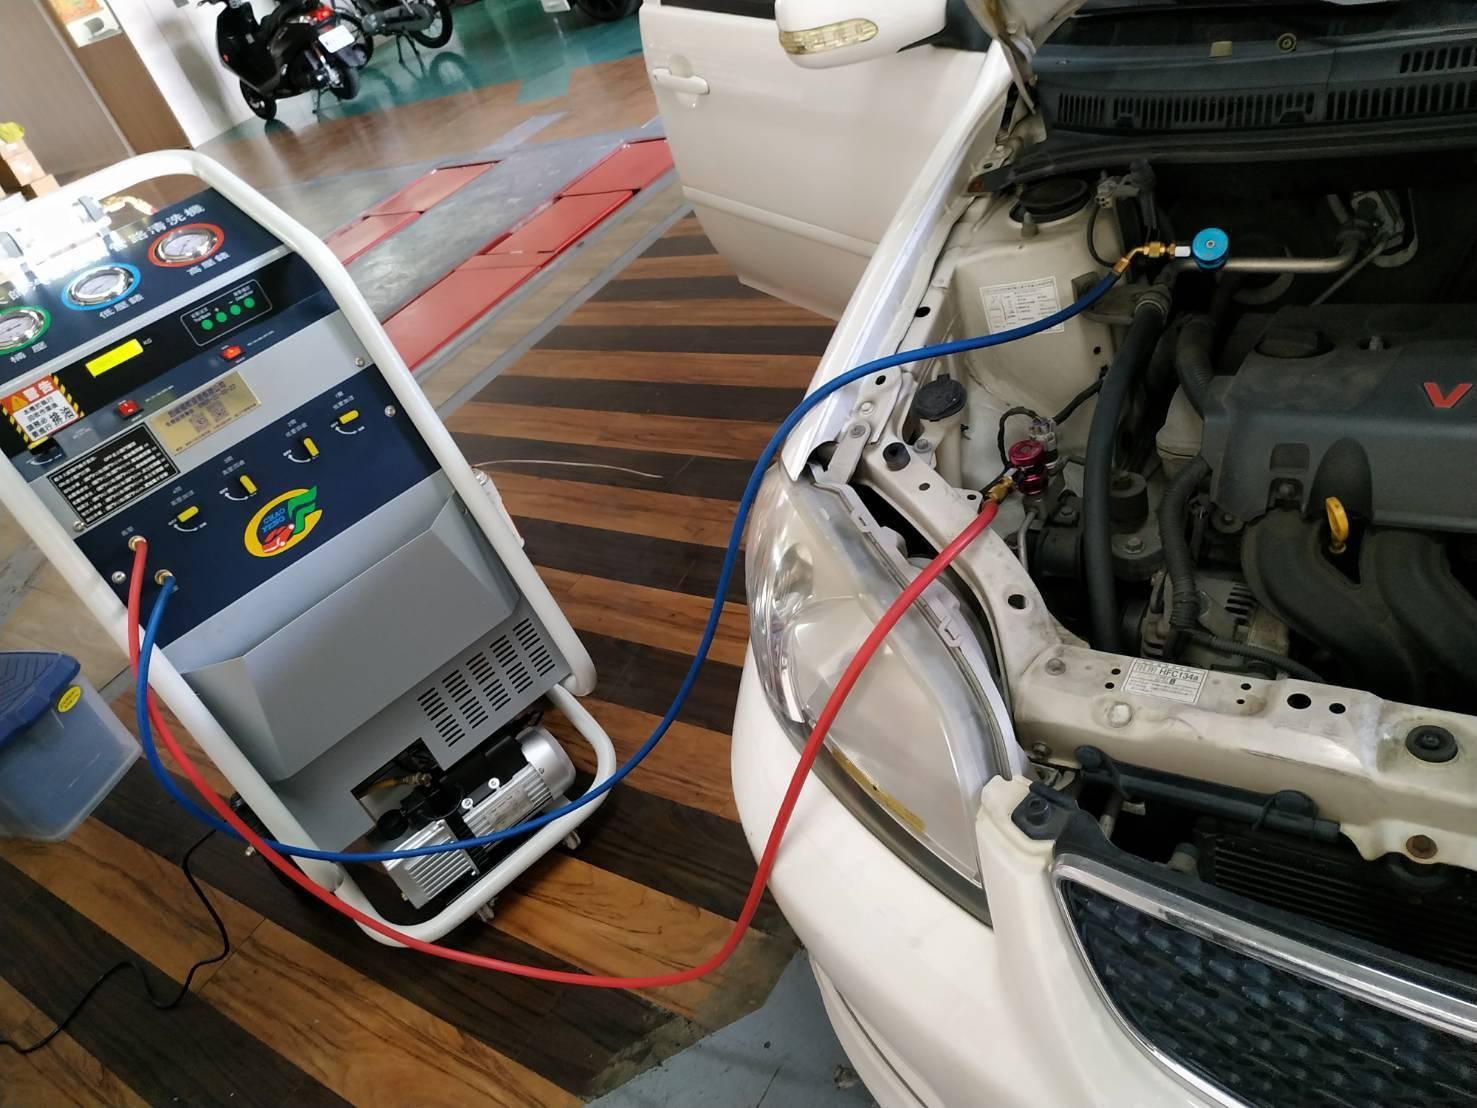 【富昇汽車】豐田/TOYOTA VIOS 引擎無力#後輪軸承老化磨損#汽車保養